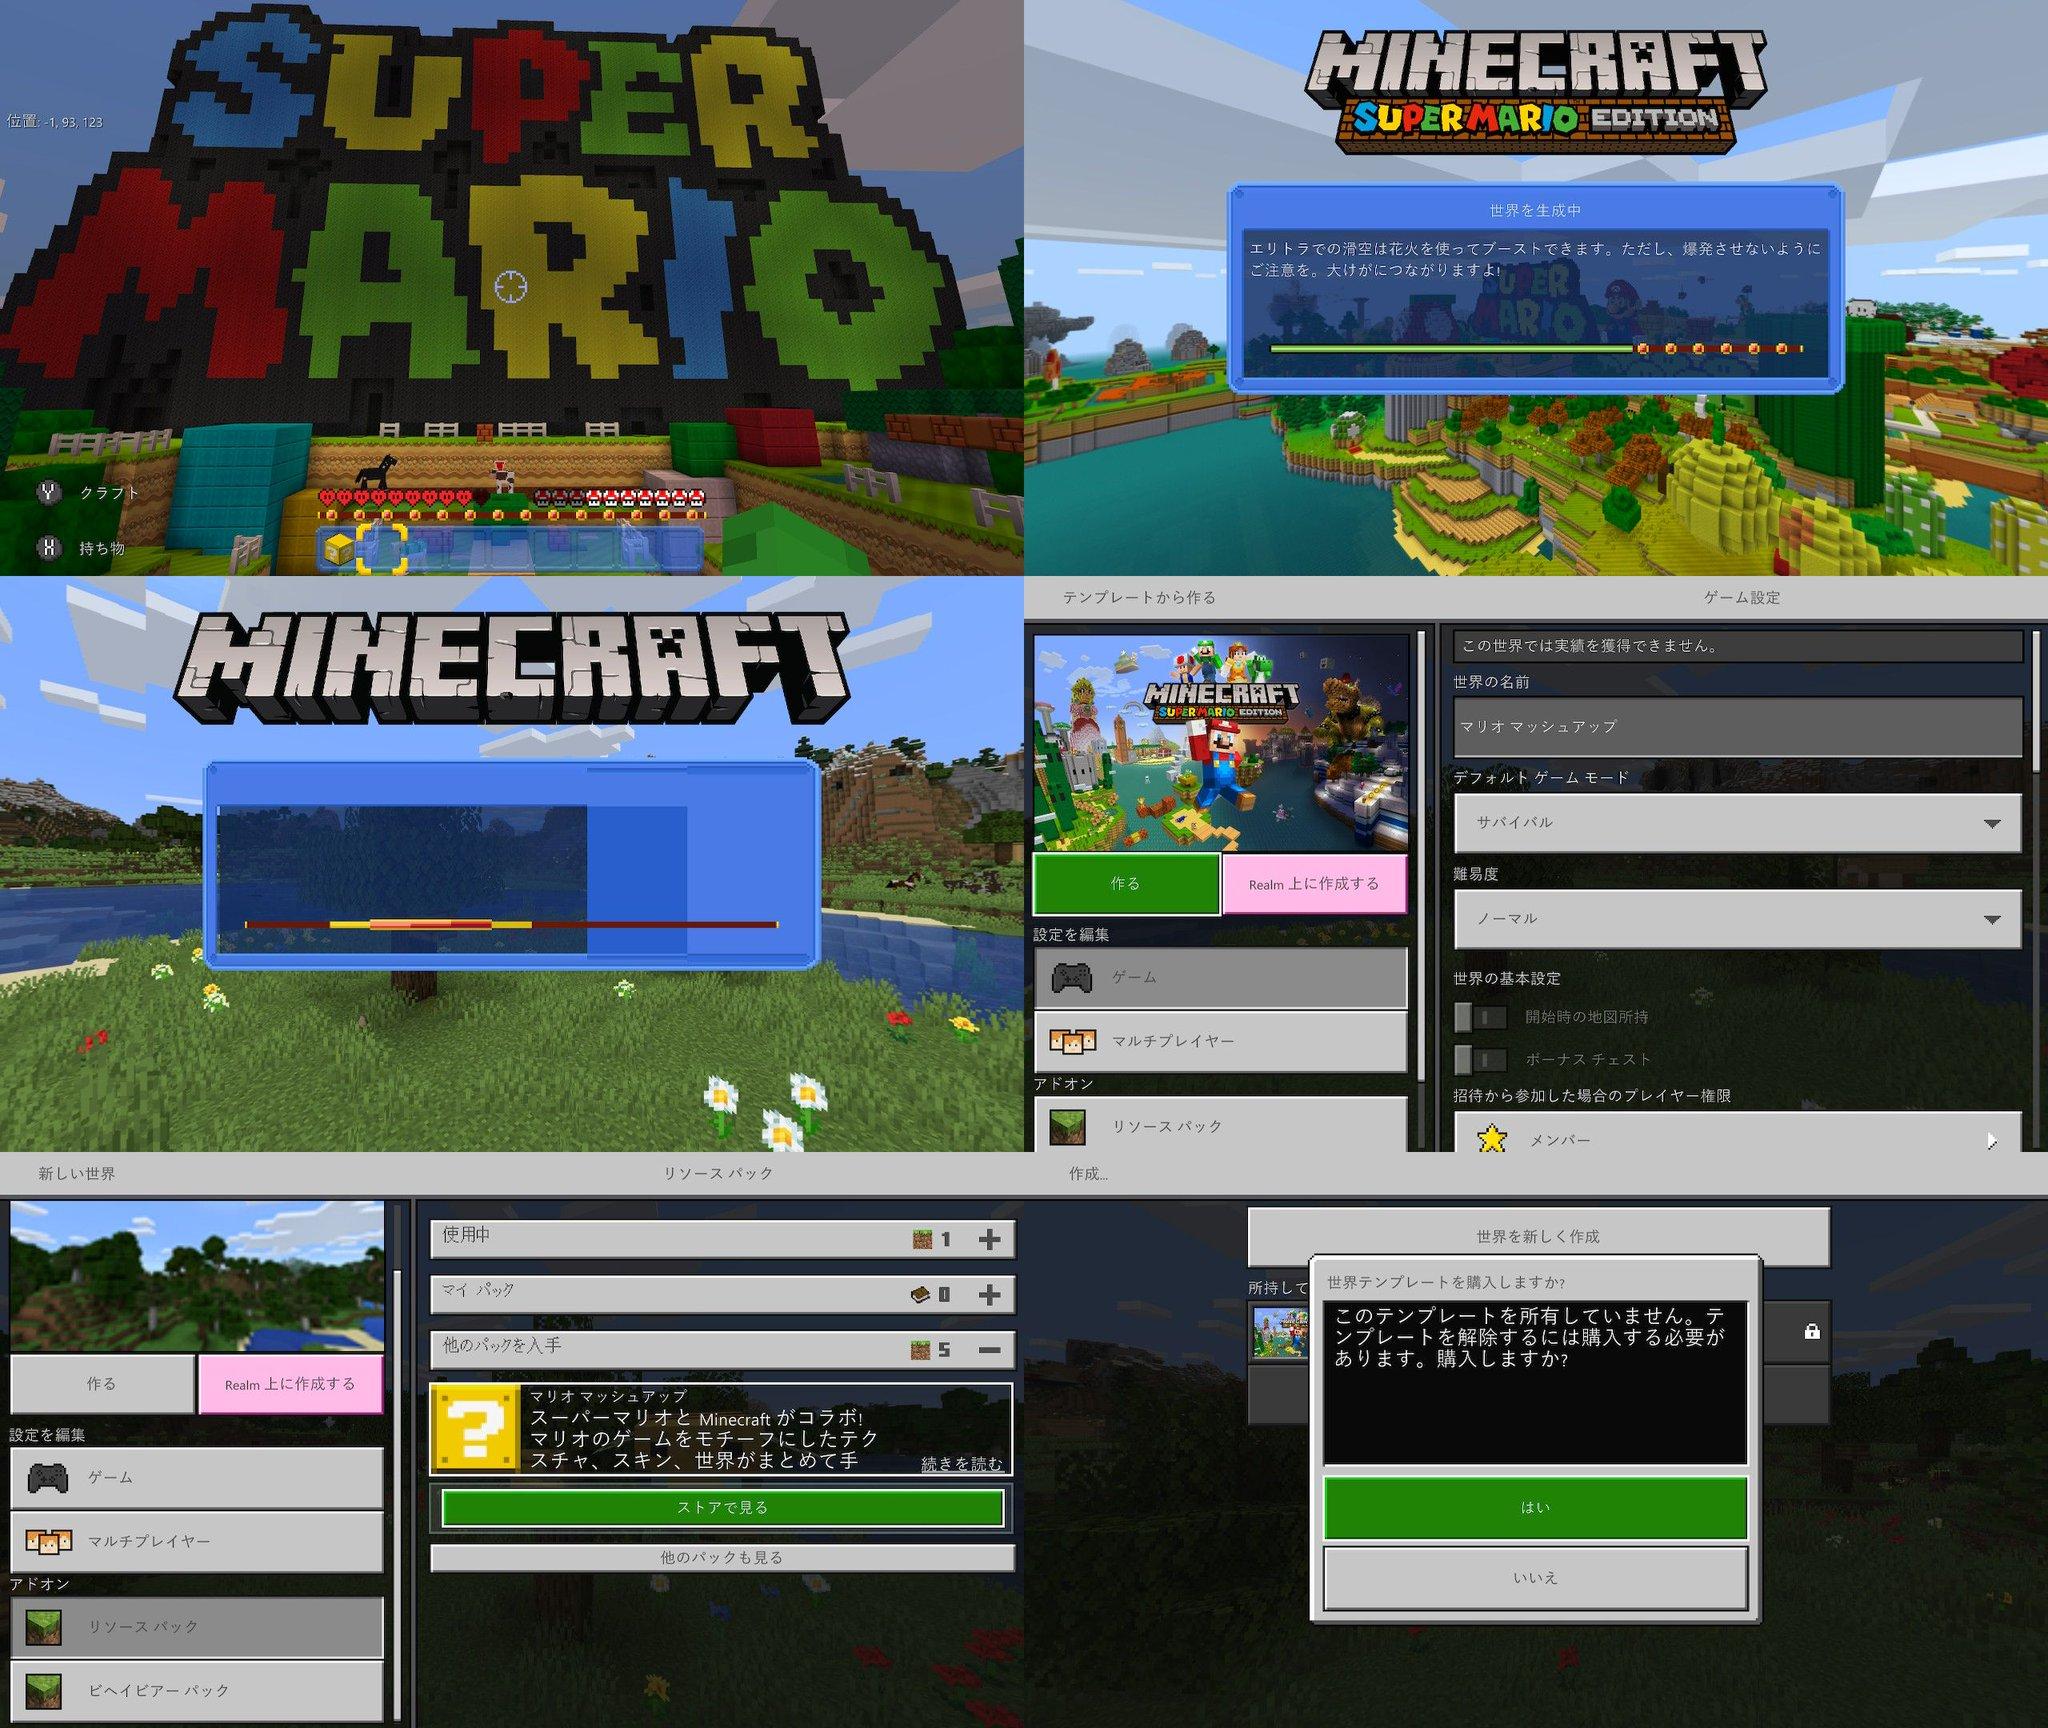 MINECRAFT SUPERMARIO EDITION!  「テンプレートを解除するには購入する必要があります」なんて表示でマケプレつながらないしどうしたもんかと思ったらタイトル画面でYボタン押してローカルネットワークに接続先変更したら遊べた(∩´∀`)∩  #Minecraft #マイクラ #マインクラフト #NintendoSwitch https://t.co/WO2nEyi46M